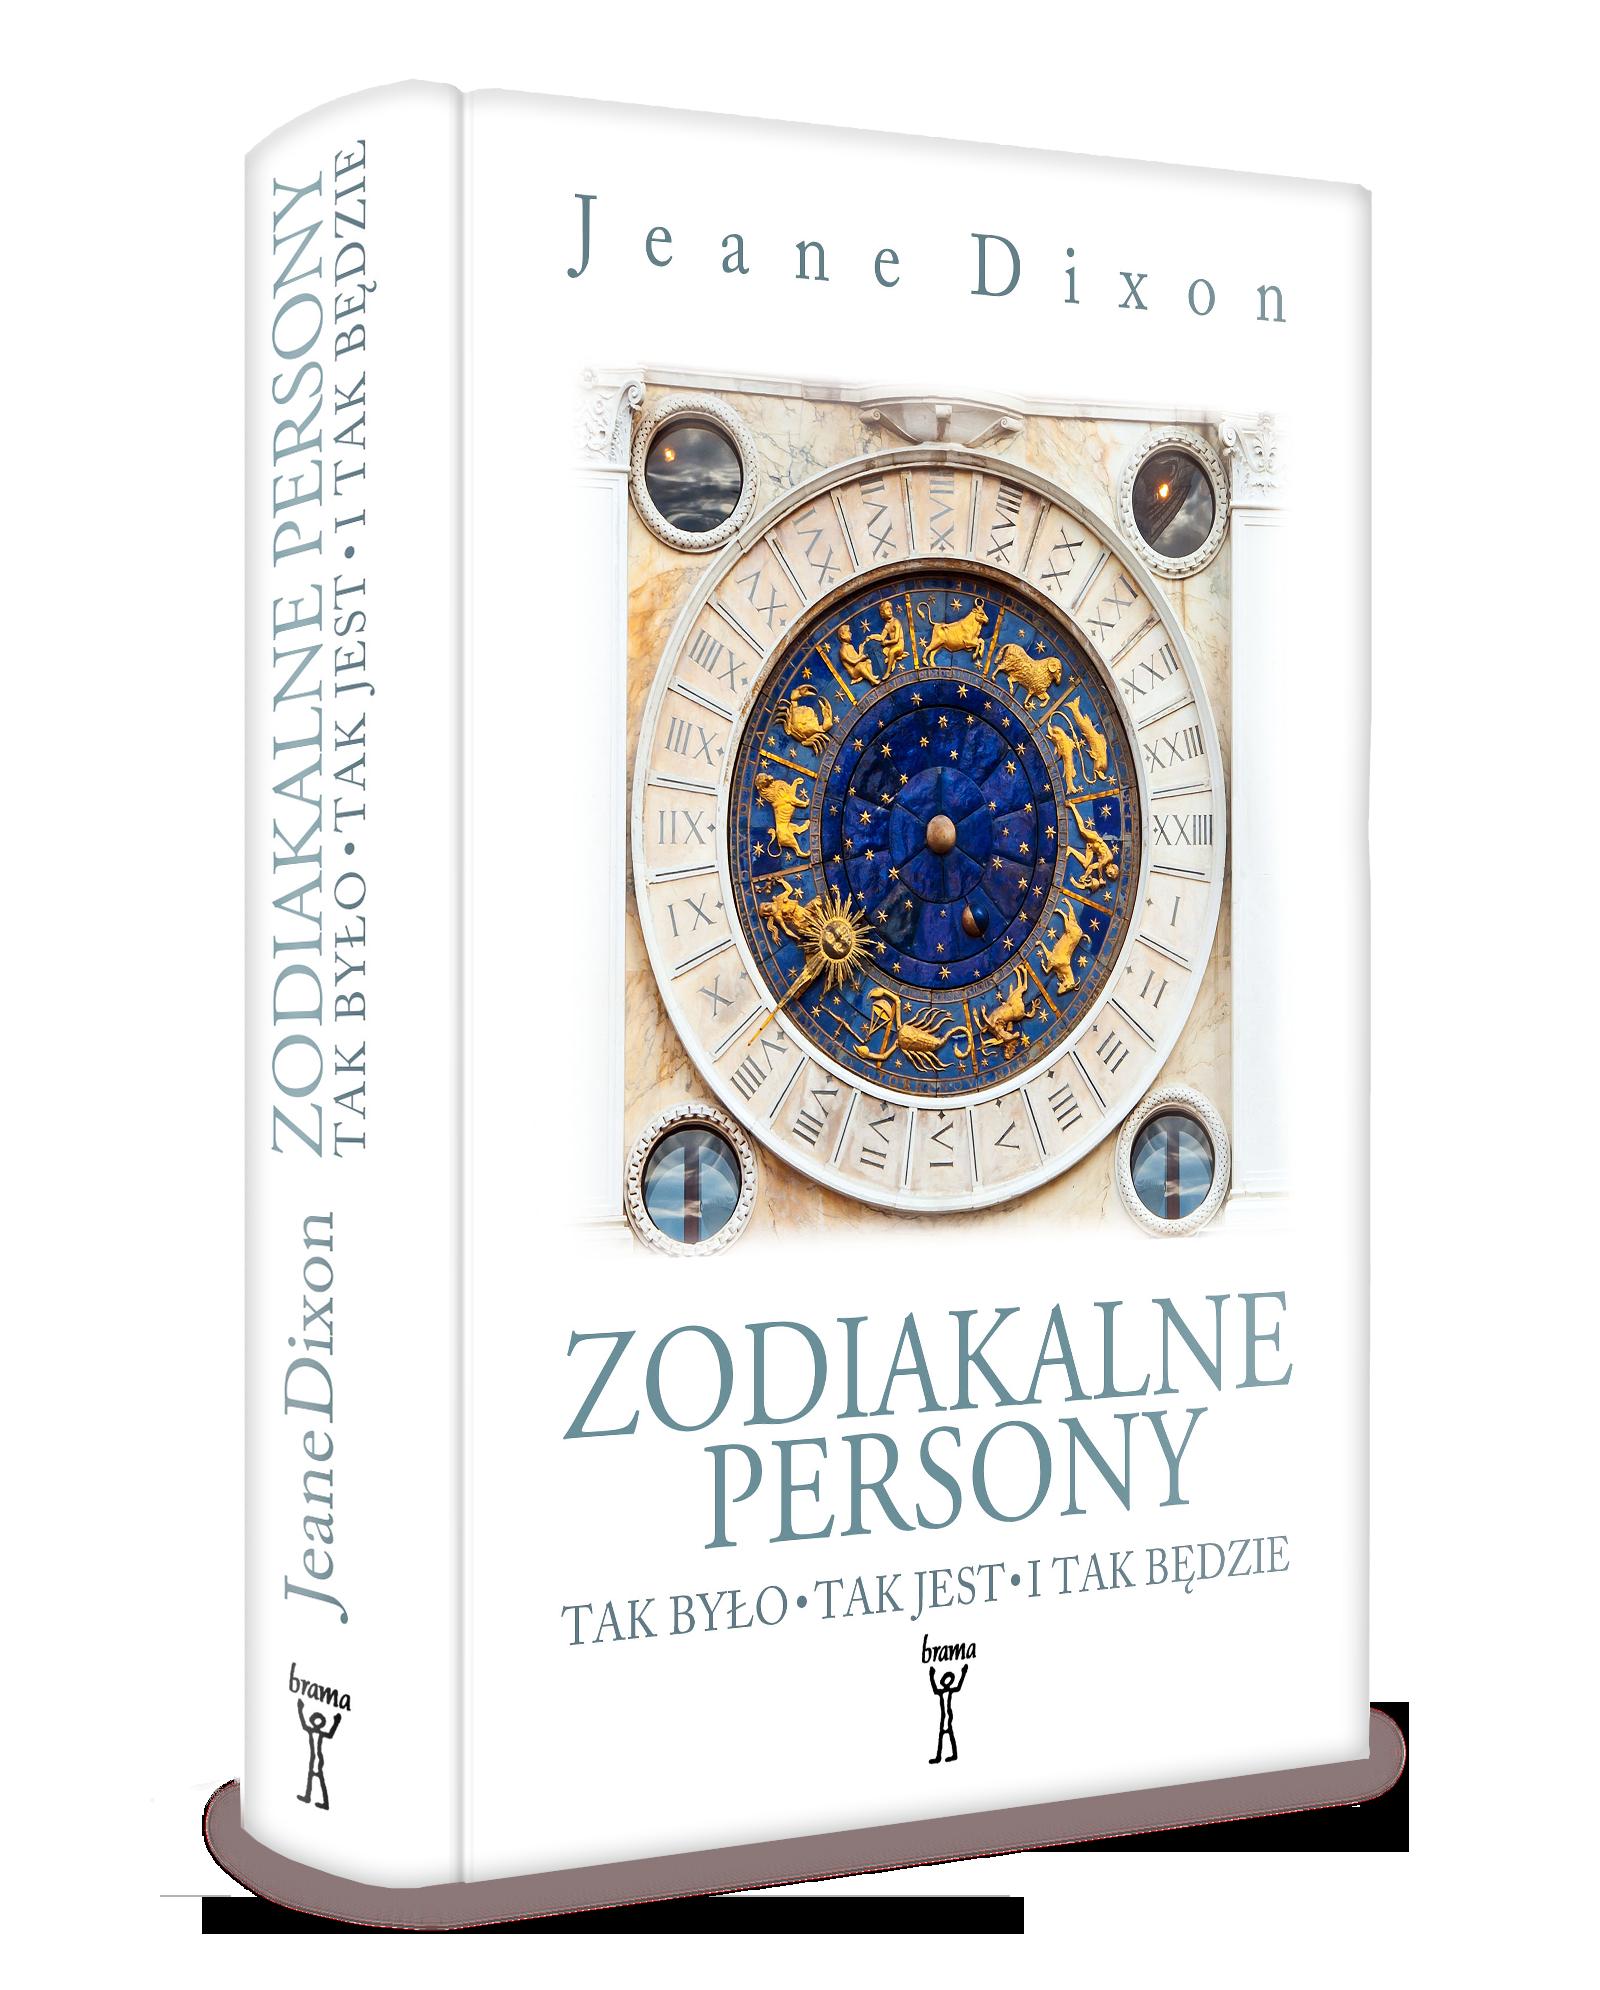 Zodiakalne Persony_BRAMA2021